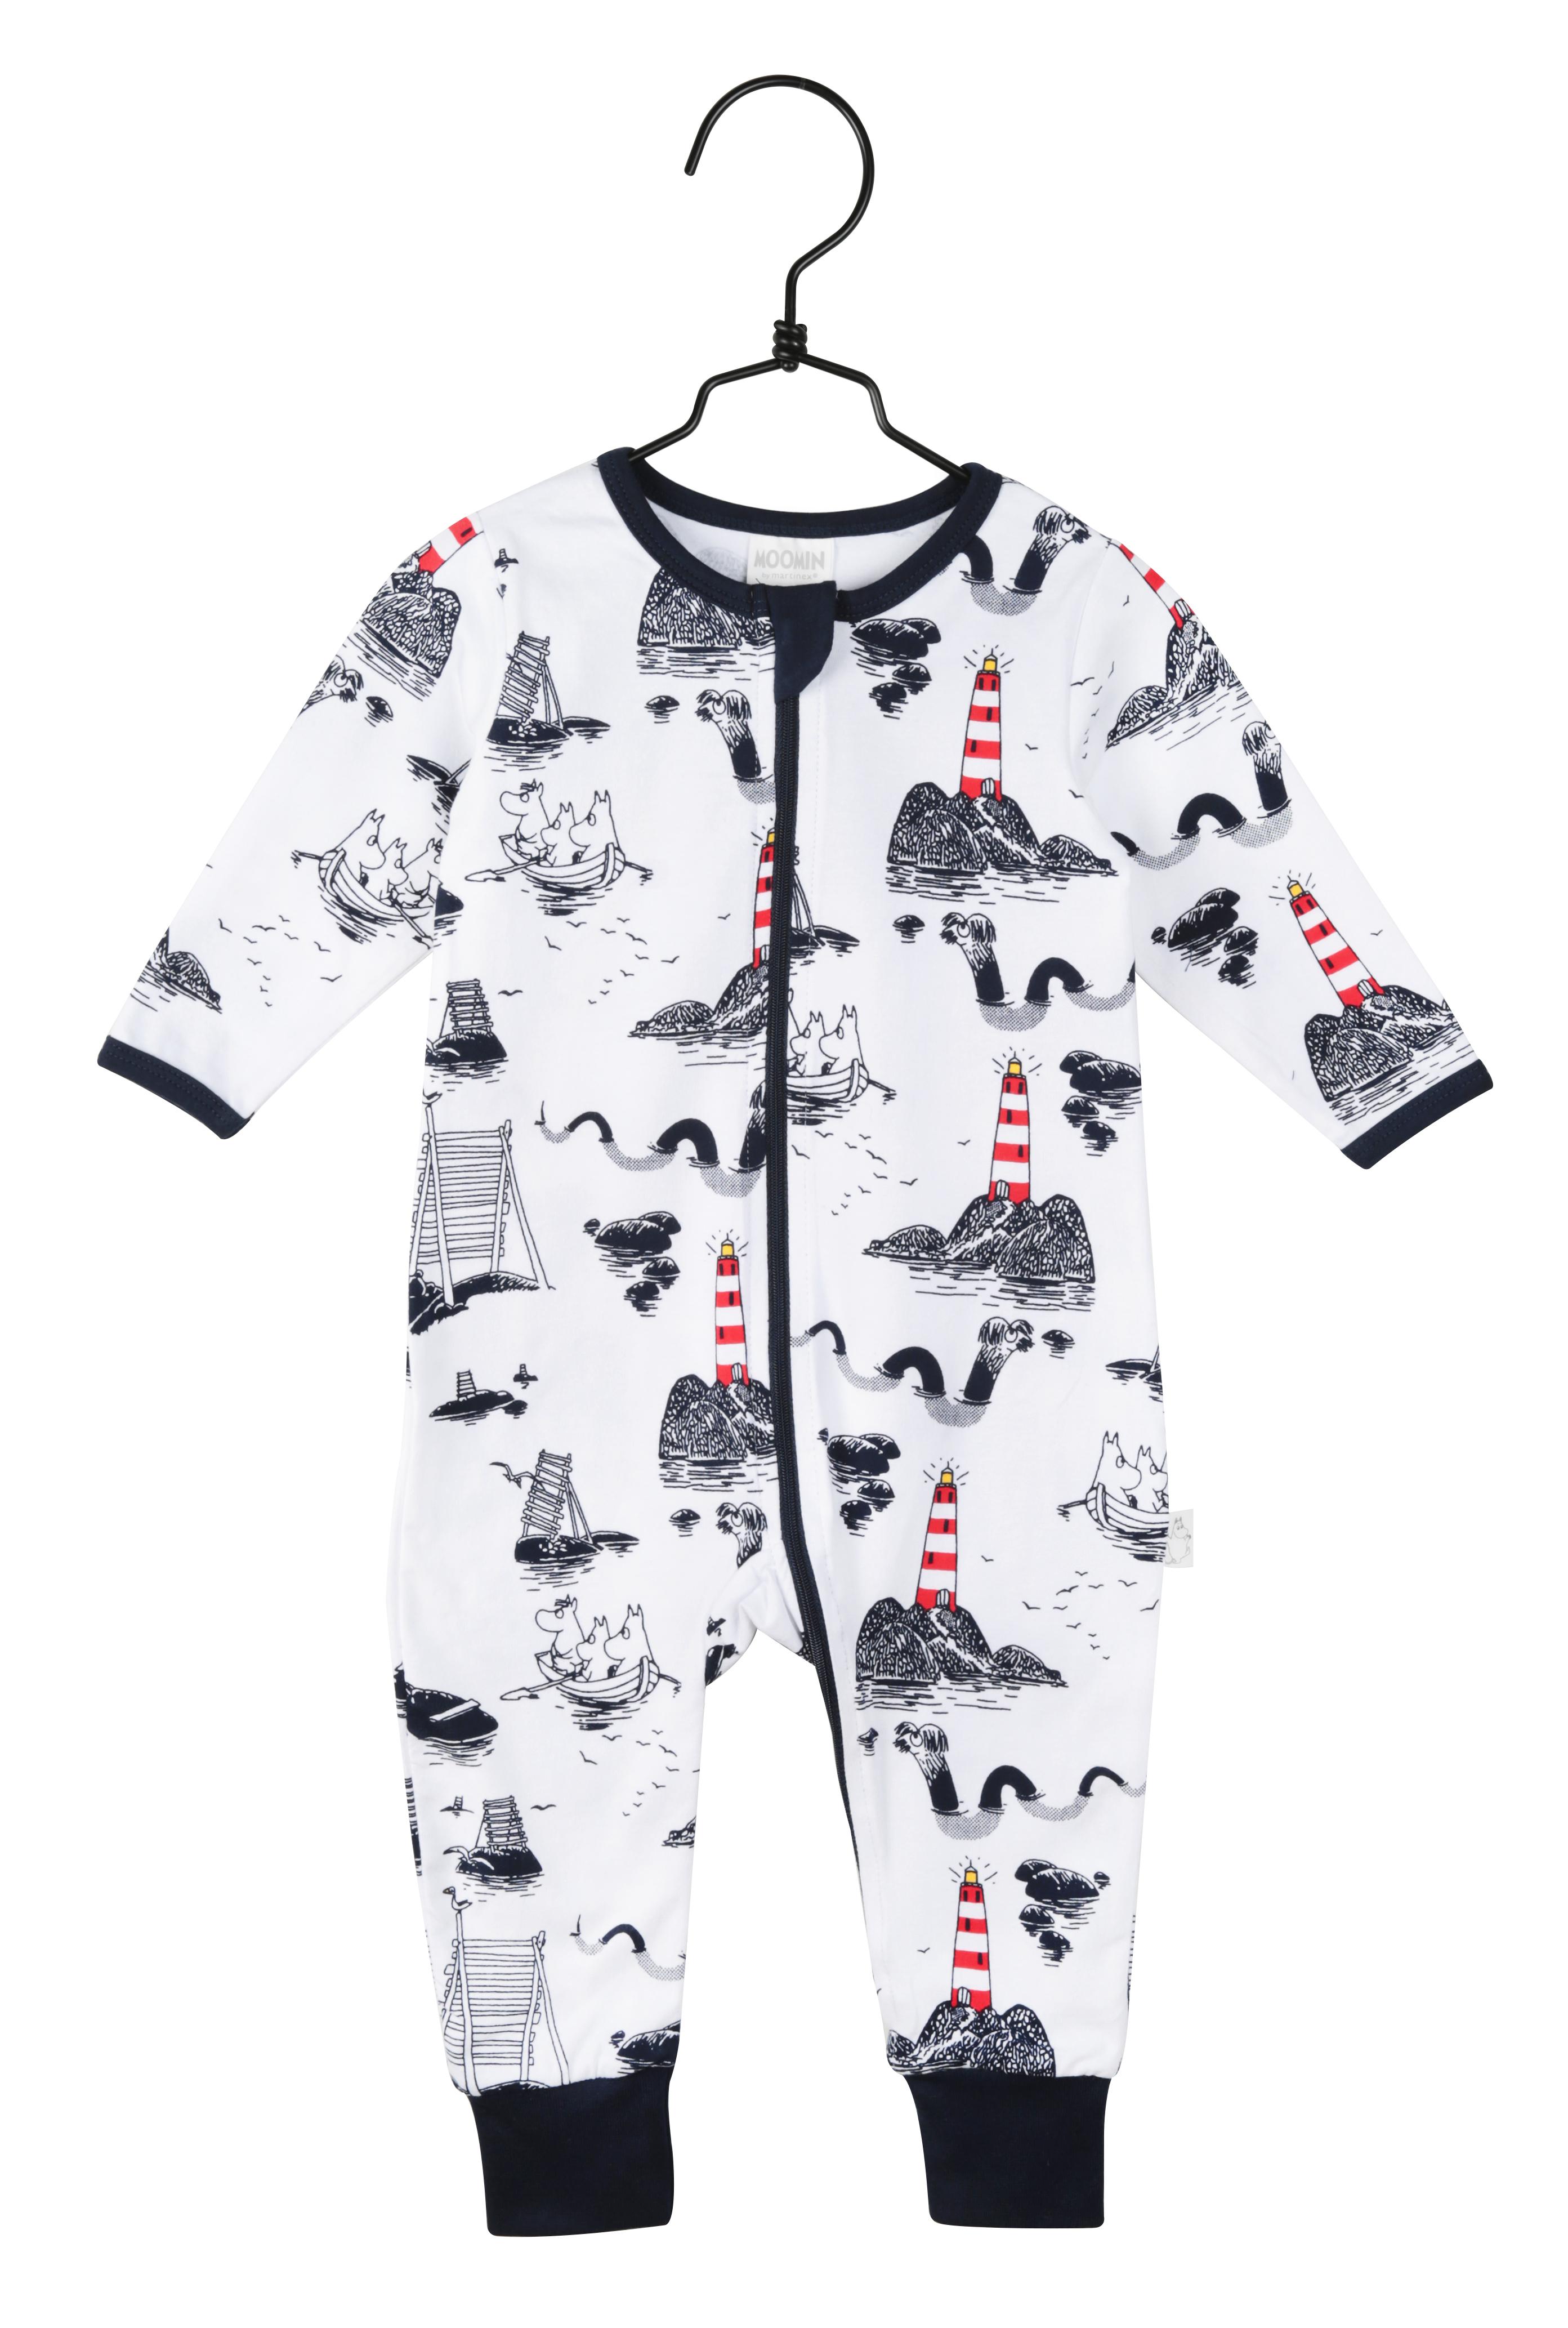 Martinex Moomin Sea pyjama